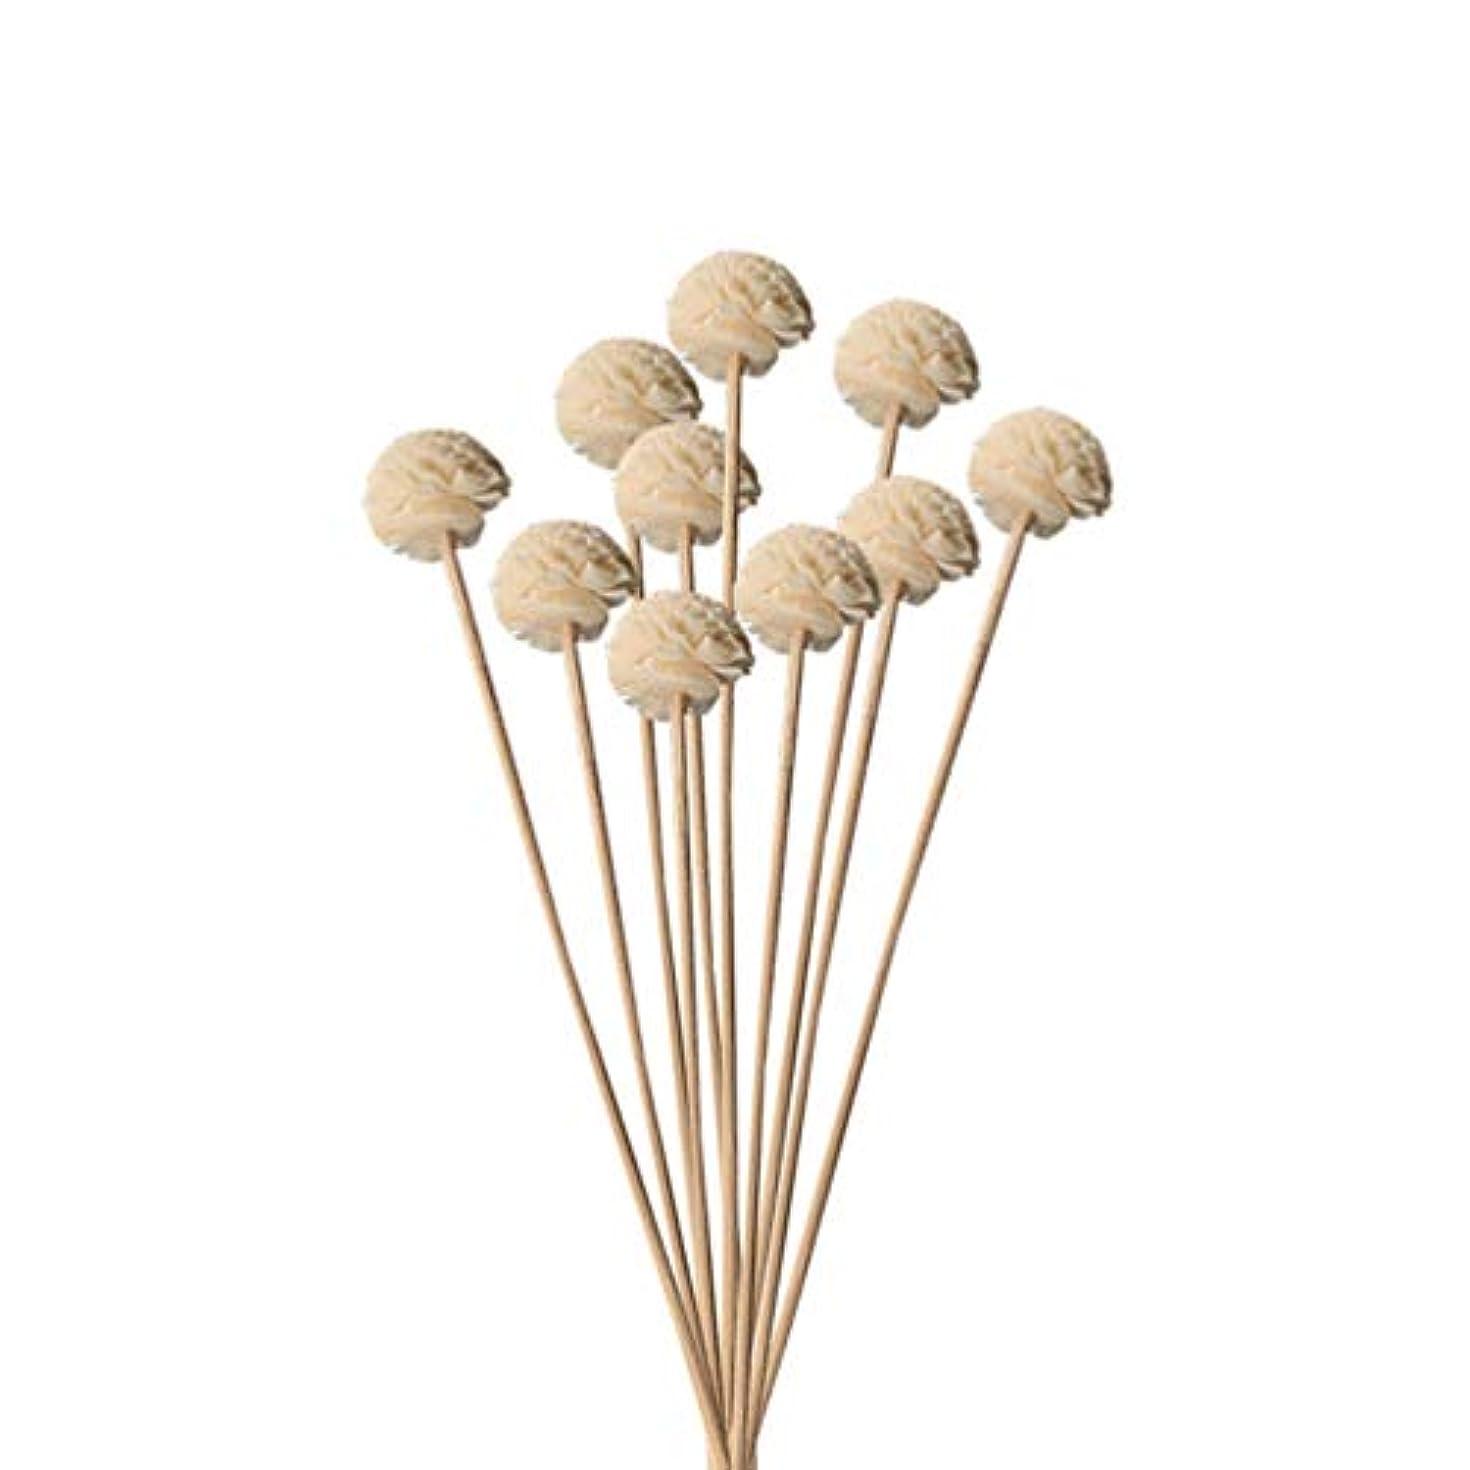 頭痛ジャンクアセンブリHongma 10本入り 造花 ラタンスティック リードディフューザー用 リフィル 高品質 かわいい クラフト 本色